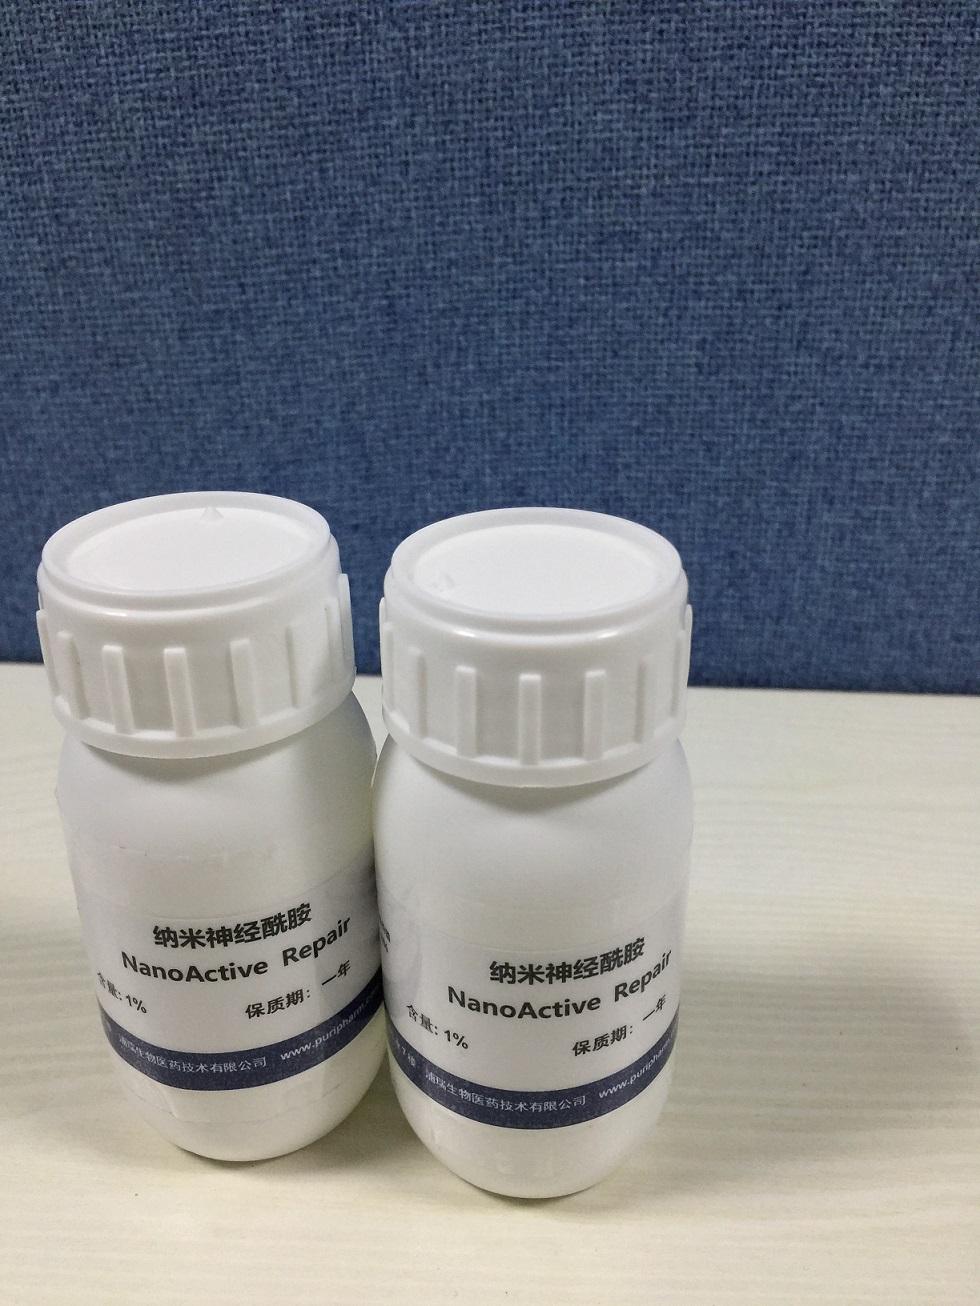 水溶油溶纳米包裹神经酰胺,纳米脂质体神经酰胺化妆品原料-浦瑞生物